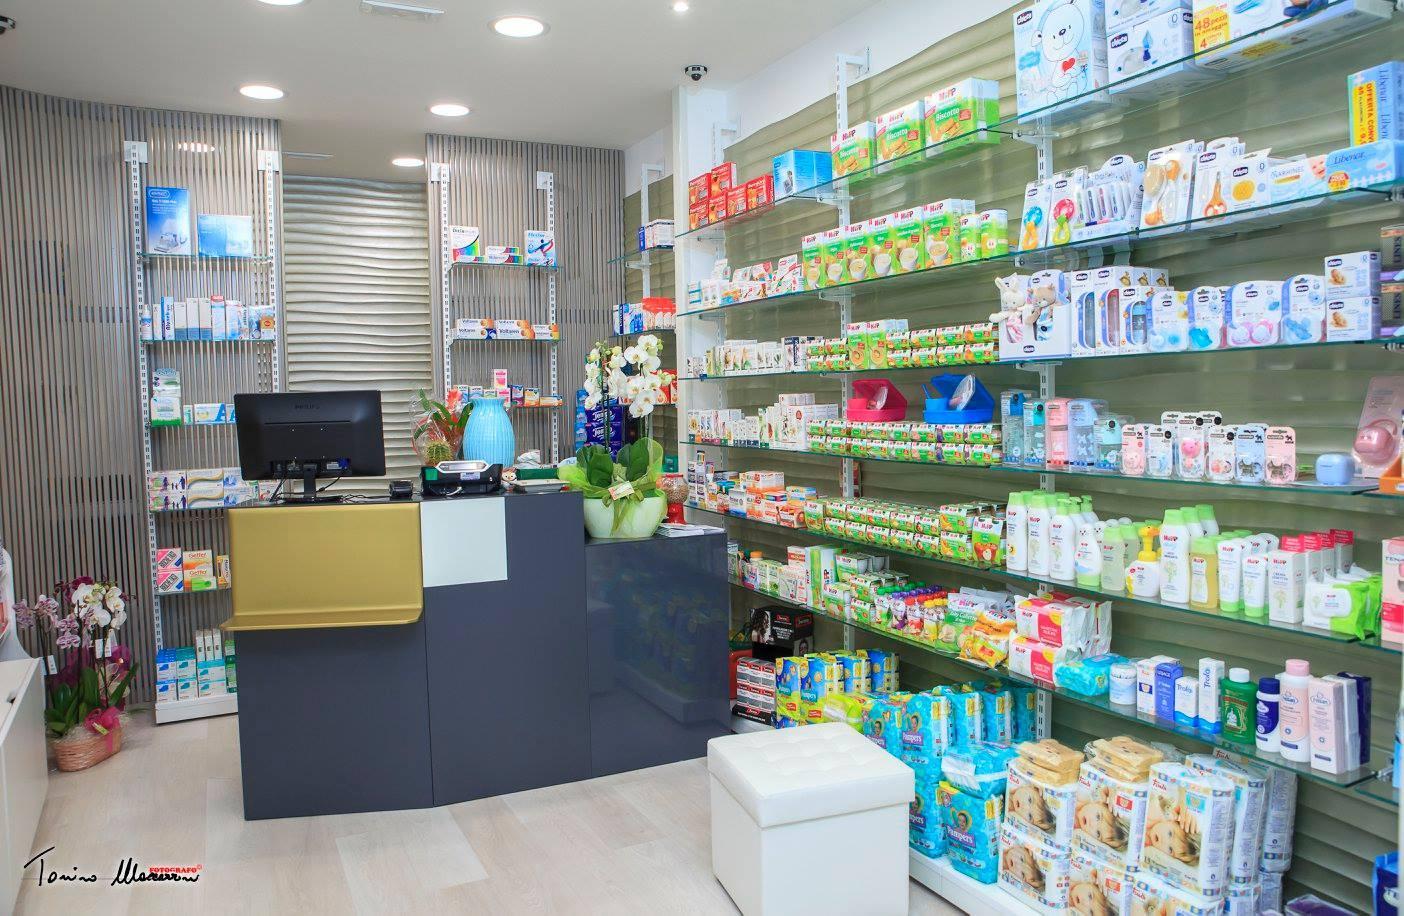 Parafarmacia acitrezza ct arredamento per farmacie e for Arredamento catania